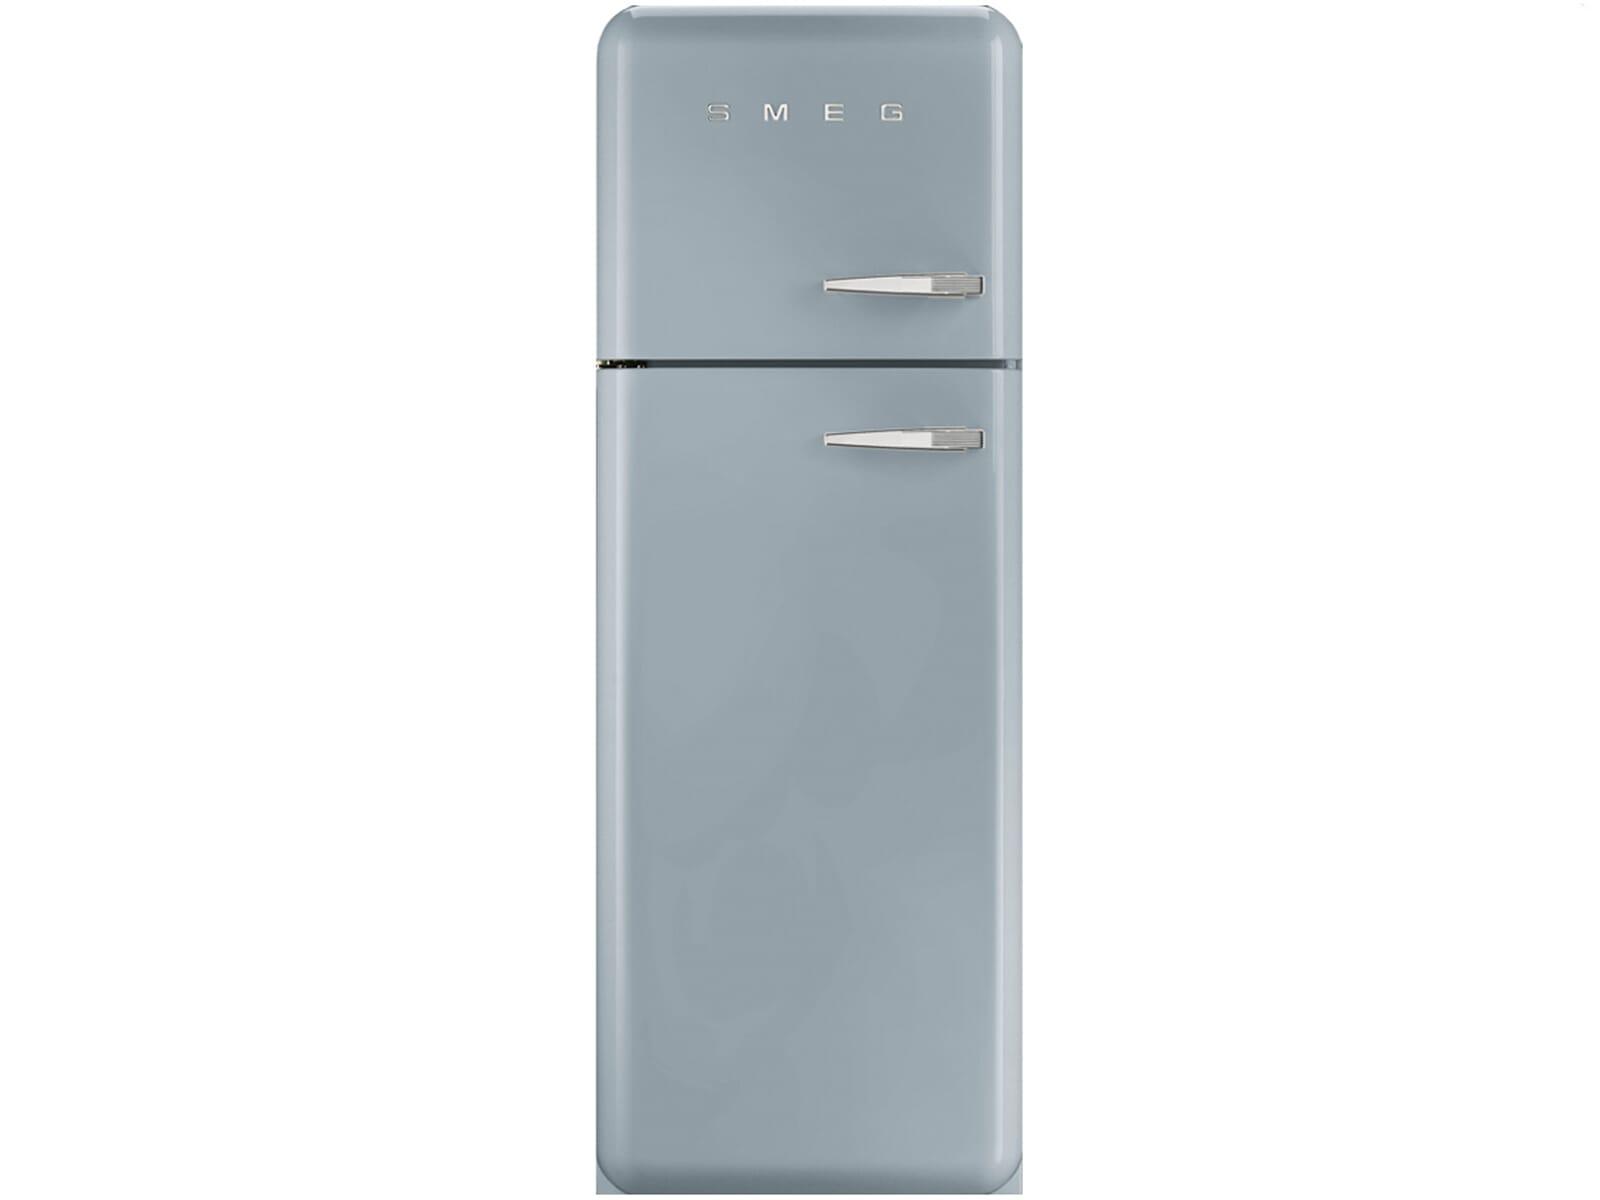 Smeg Kühlschrank Grau : Smeg kühlschrank grau u haushaltsgeräte